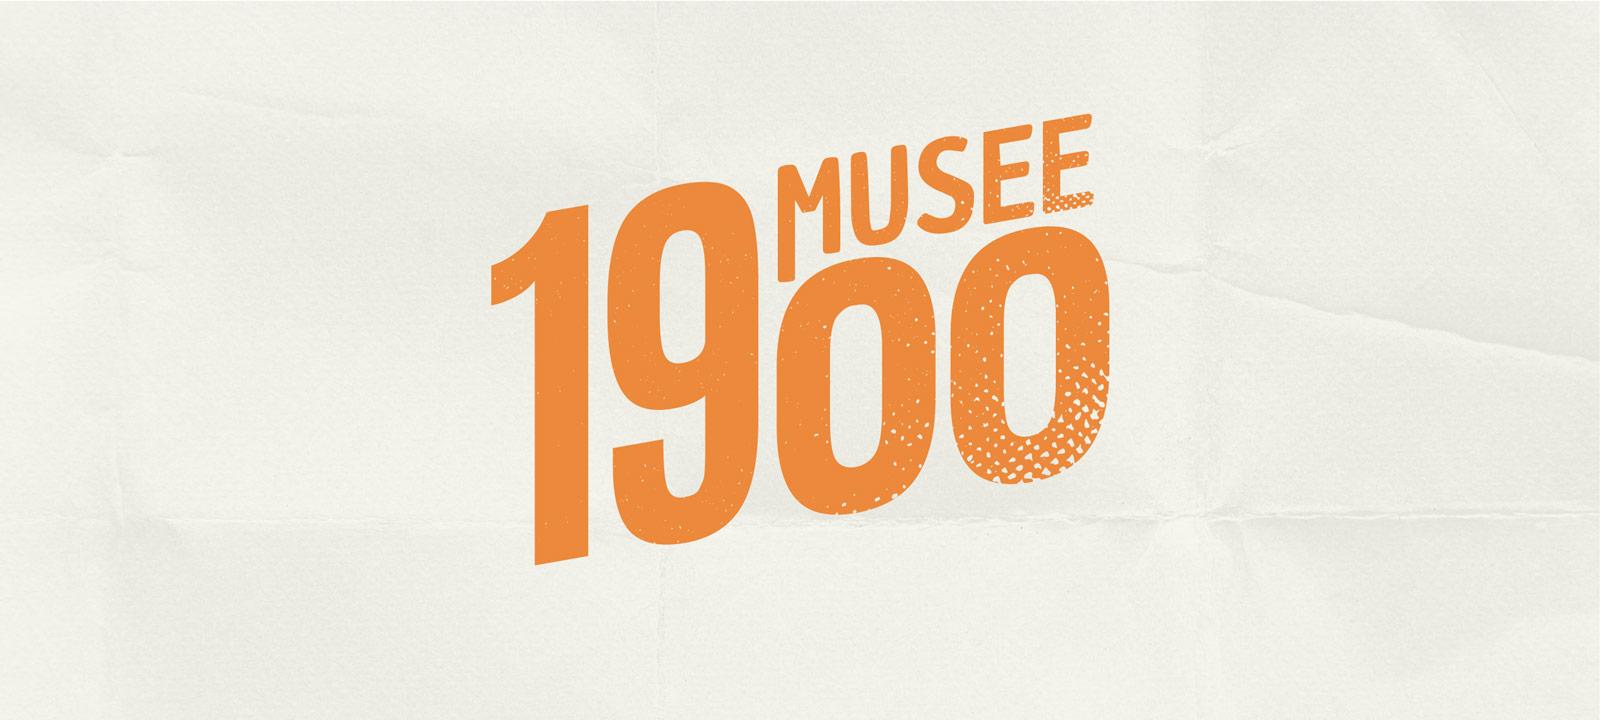 Création de logo pour le Musée 1900 - Création de Site Web